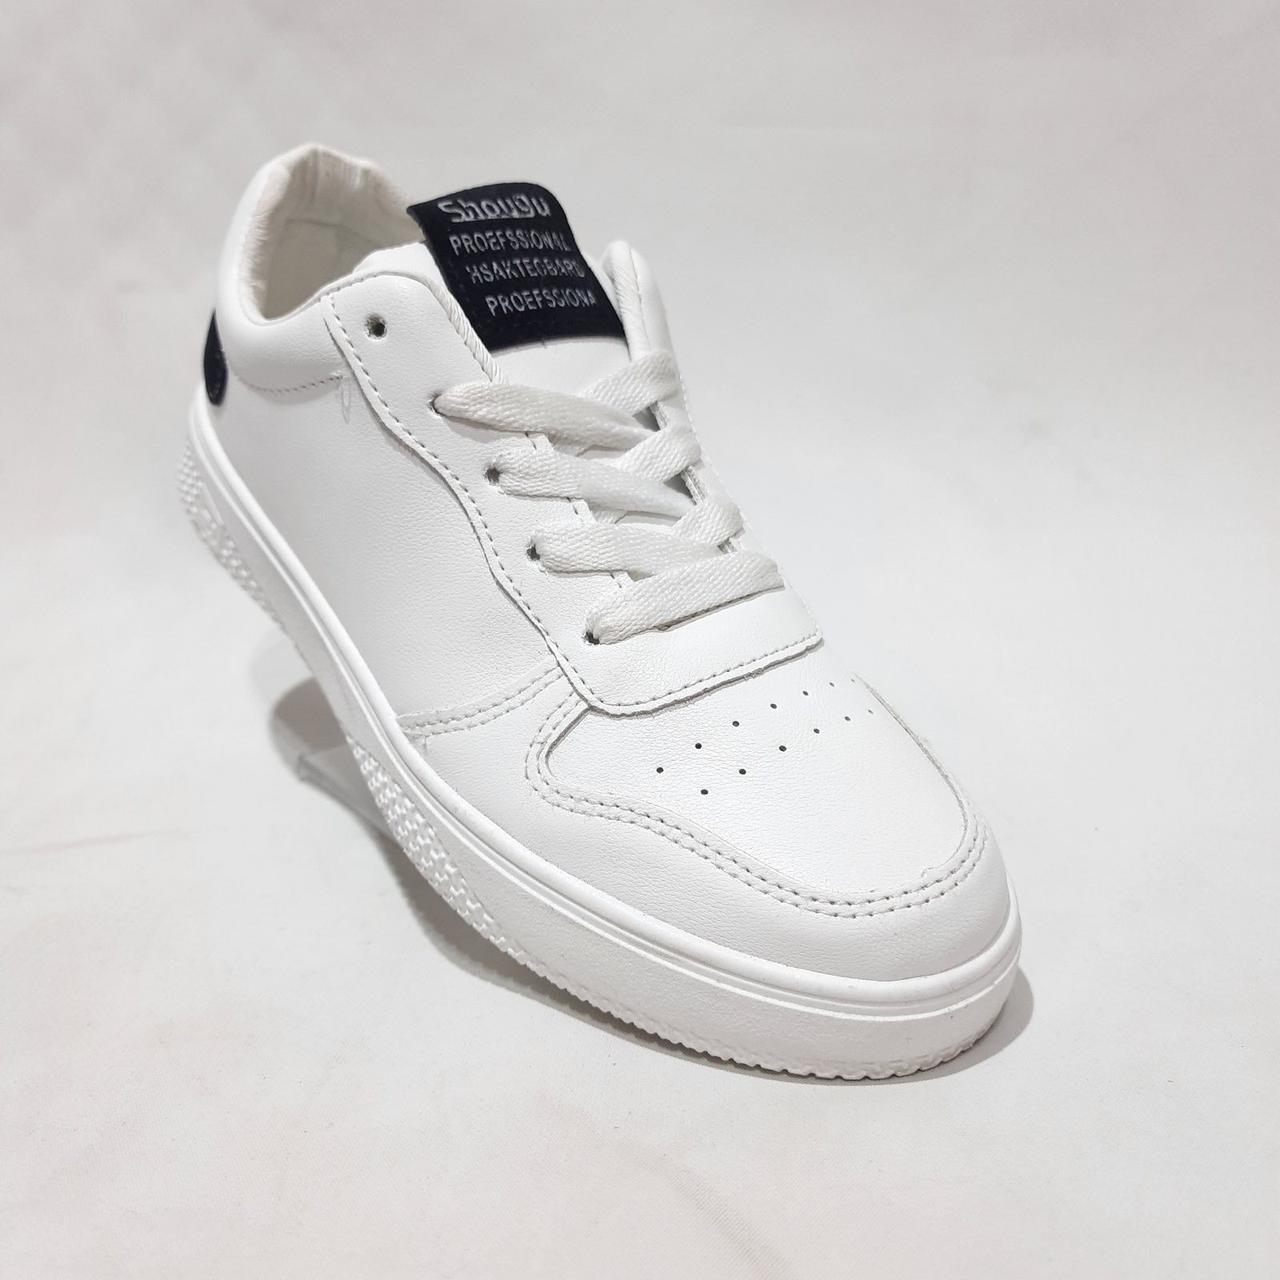 36,р. Весенние женские кроссовки из эко-кожи Белые Последняя пара